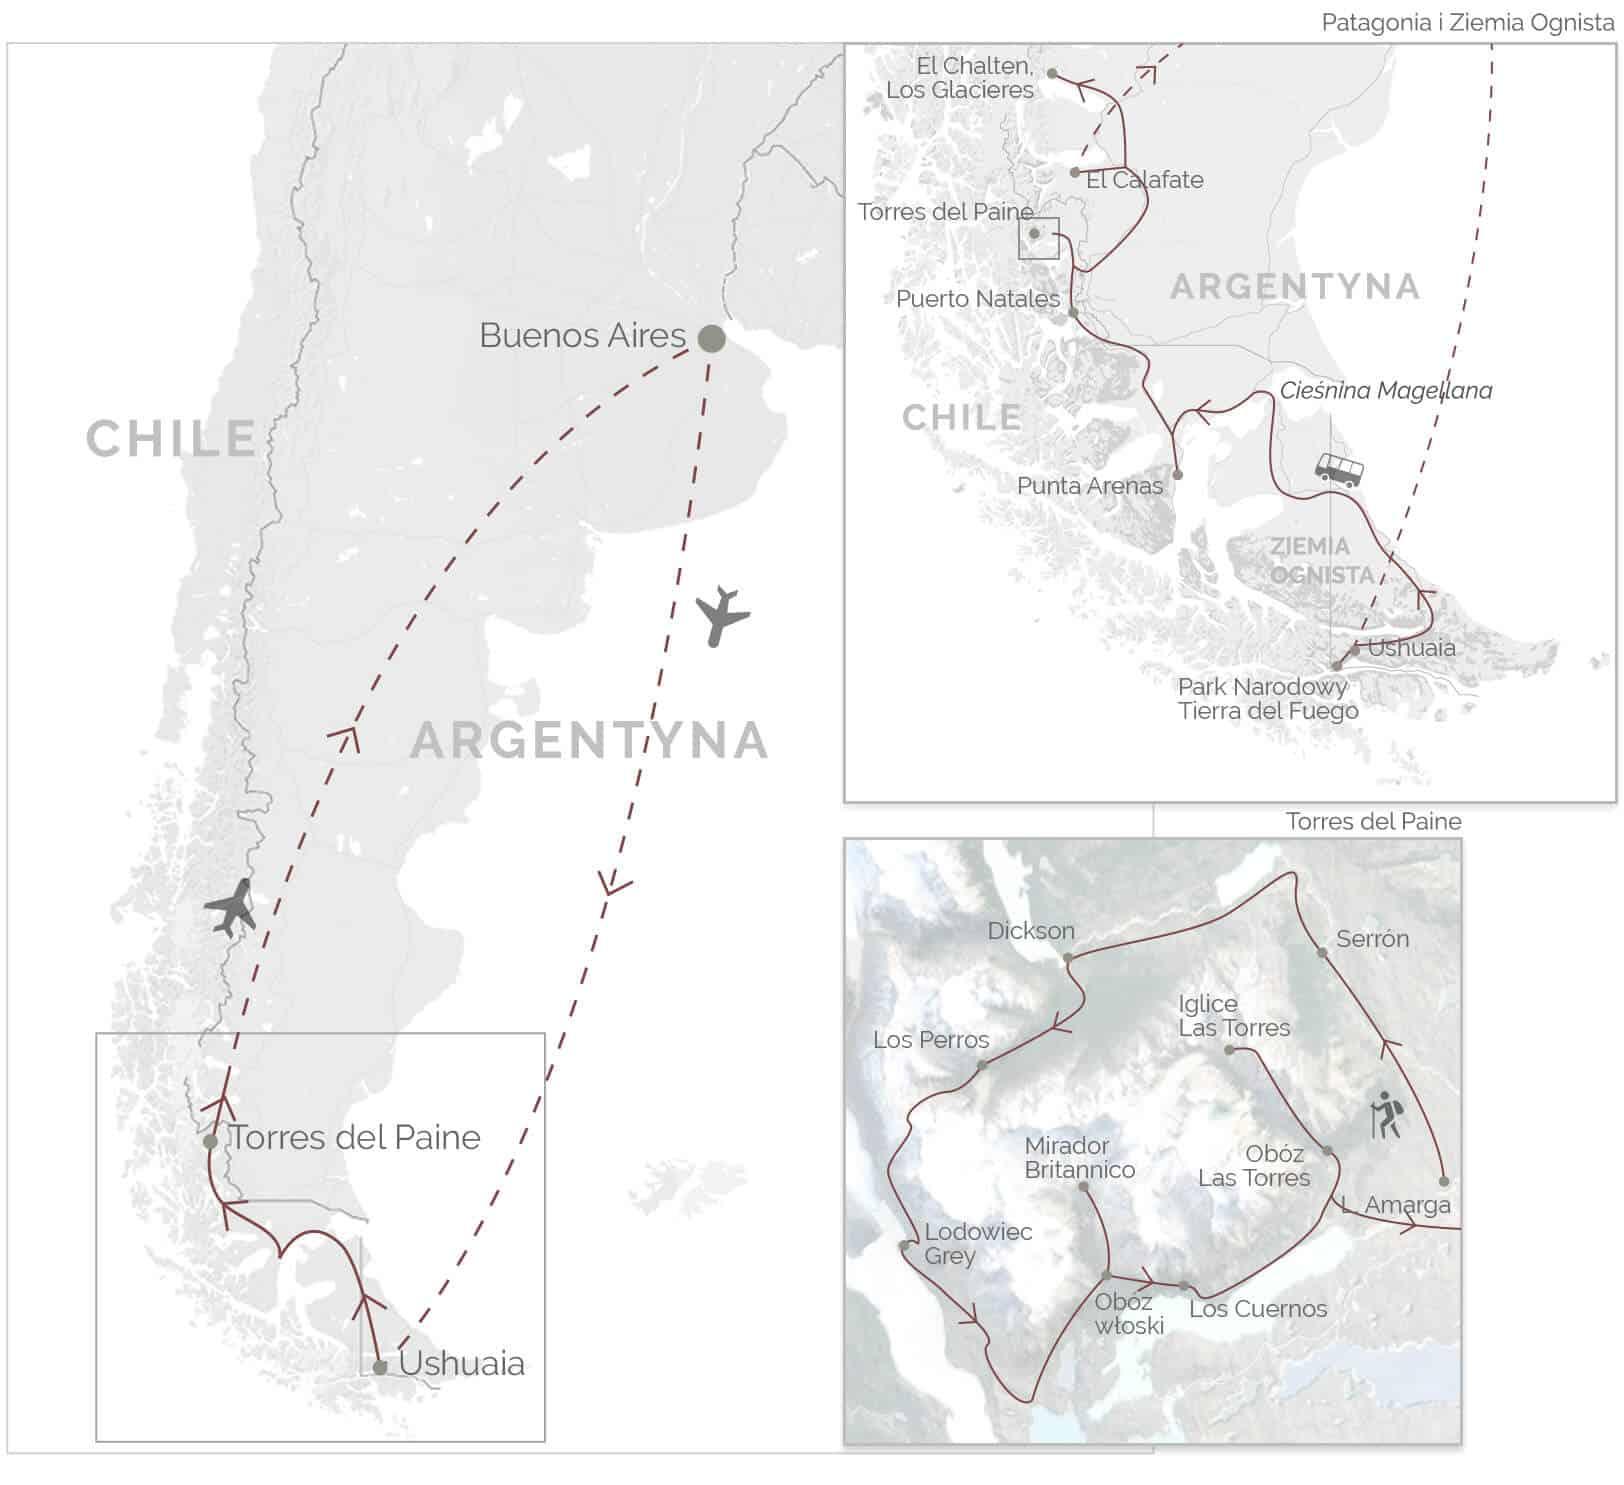 Patagonia 2019 - mapa wyprawy